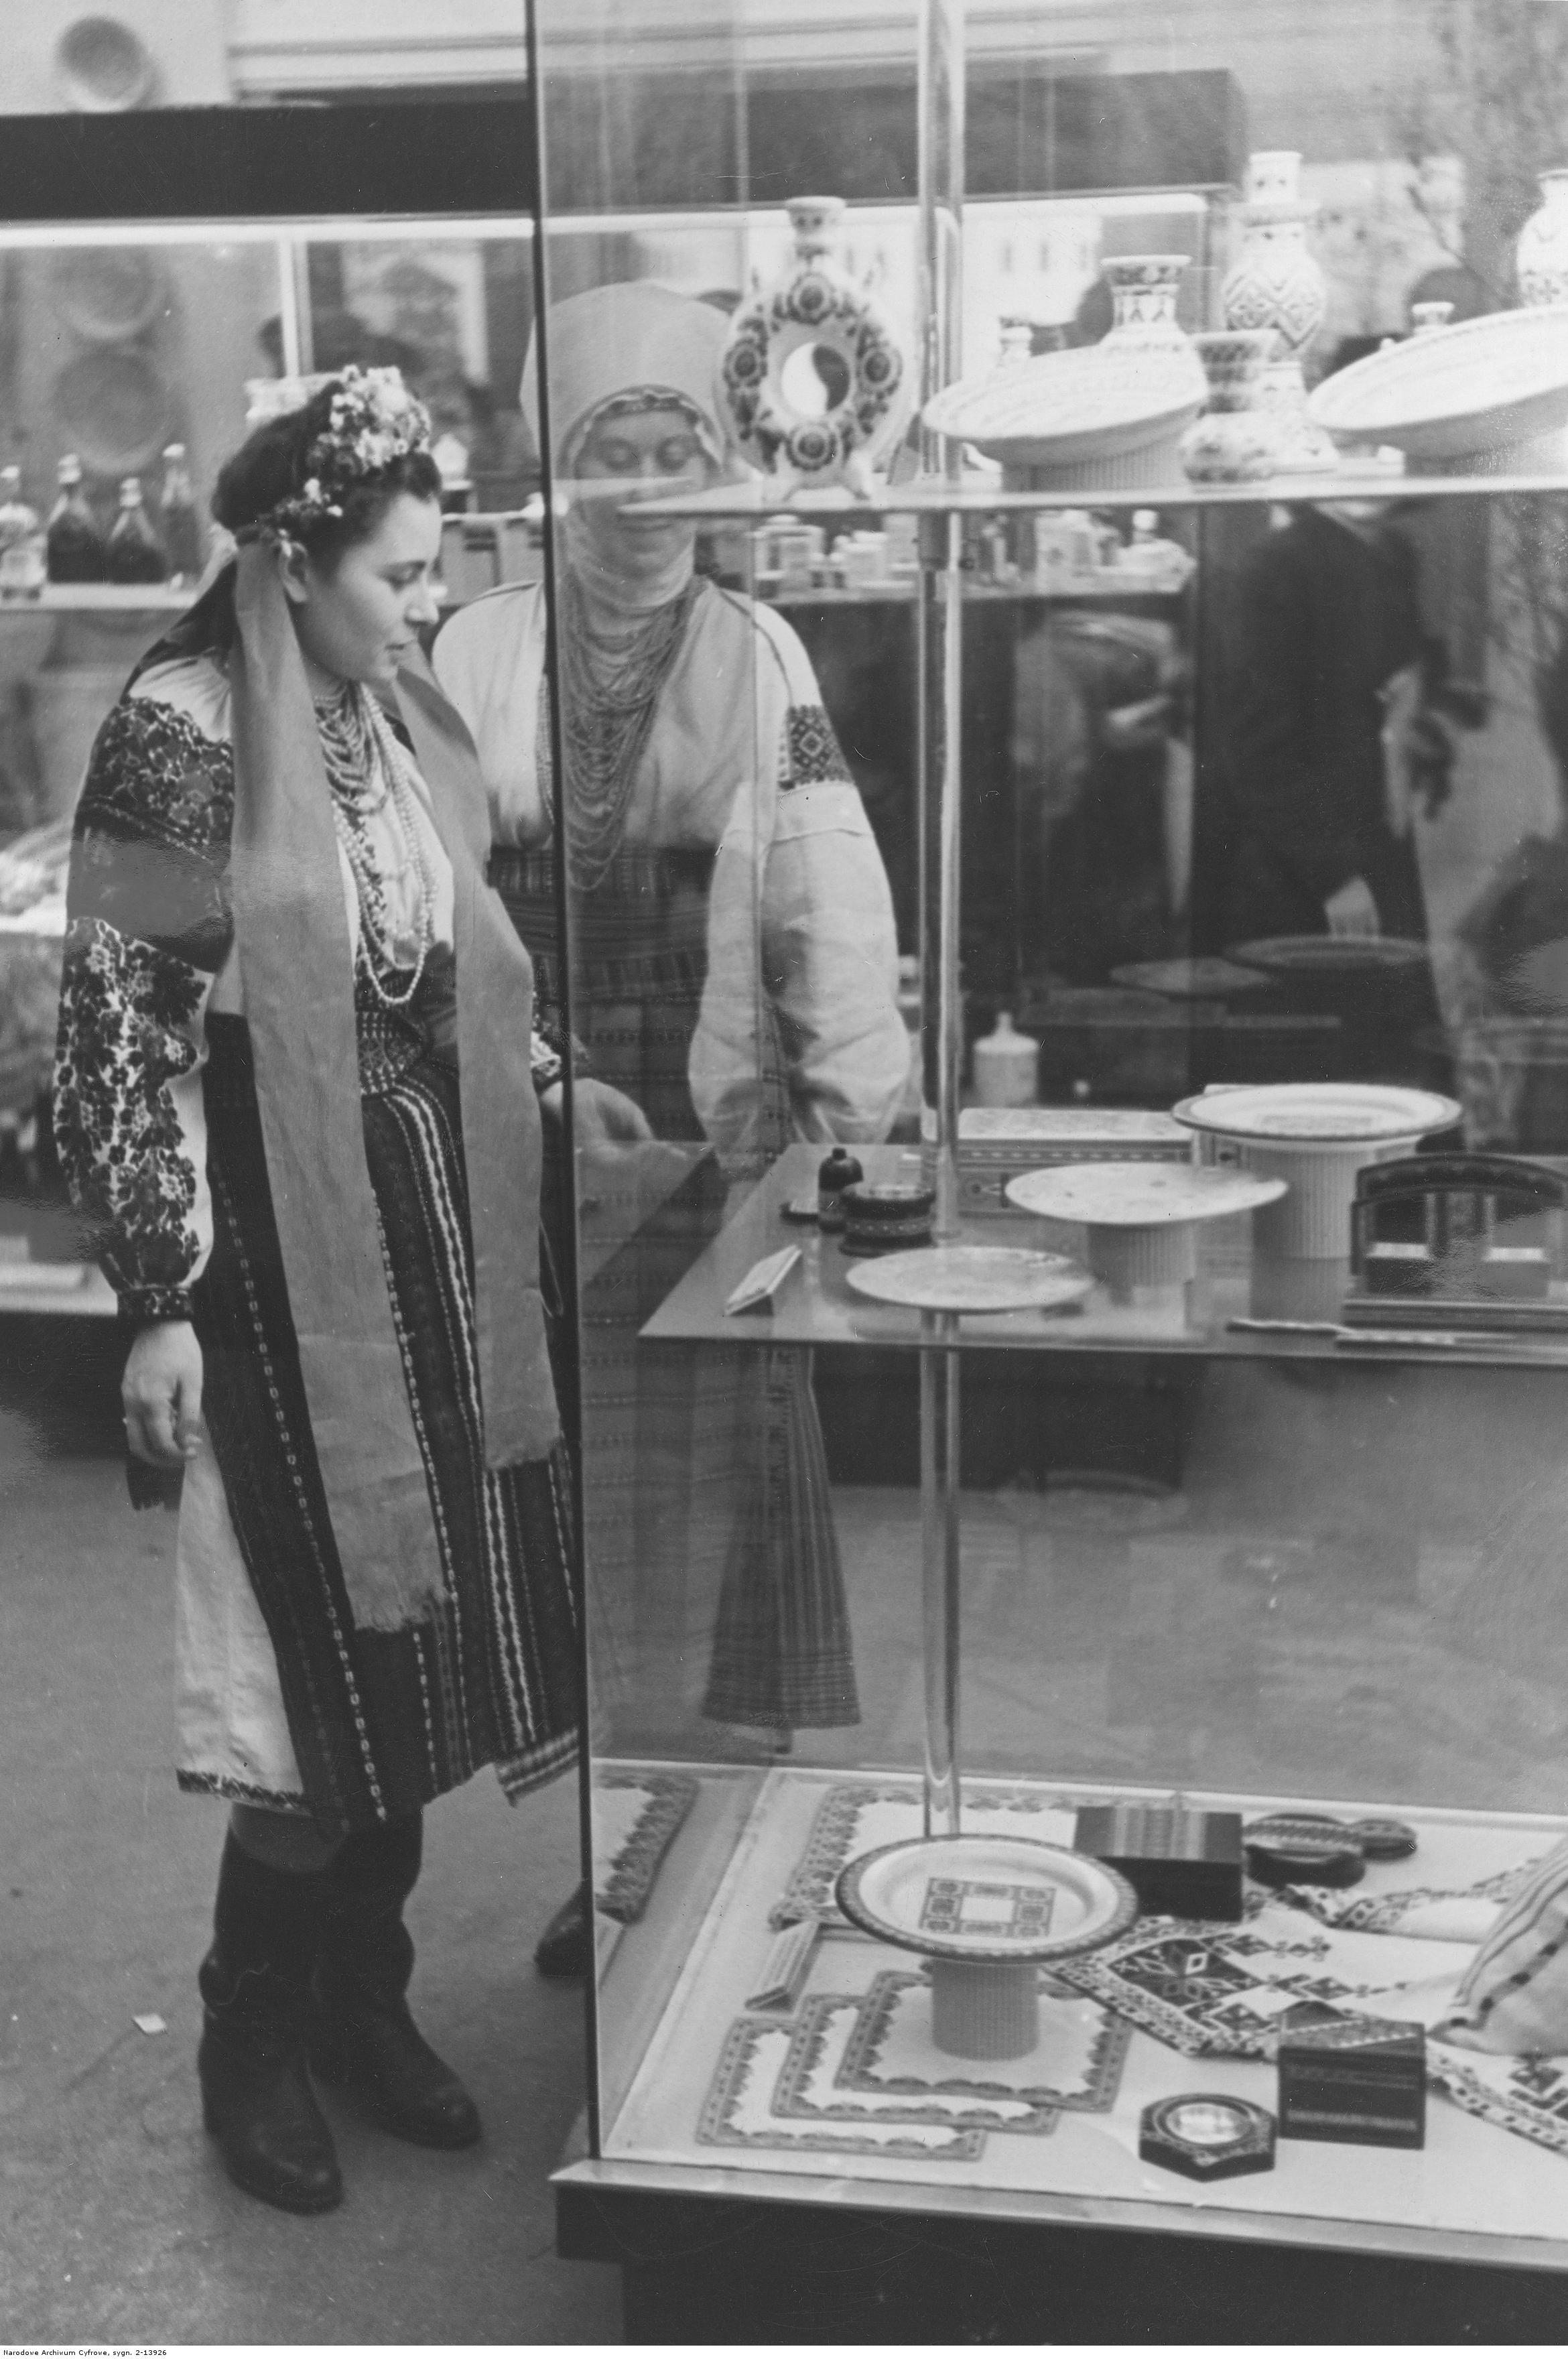 1941. Лейпцигская ярмарка. Украинская девушка в народном костюме показывает посетителям продукты украинского производства